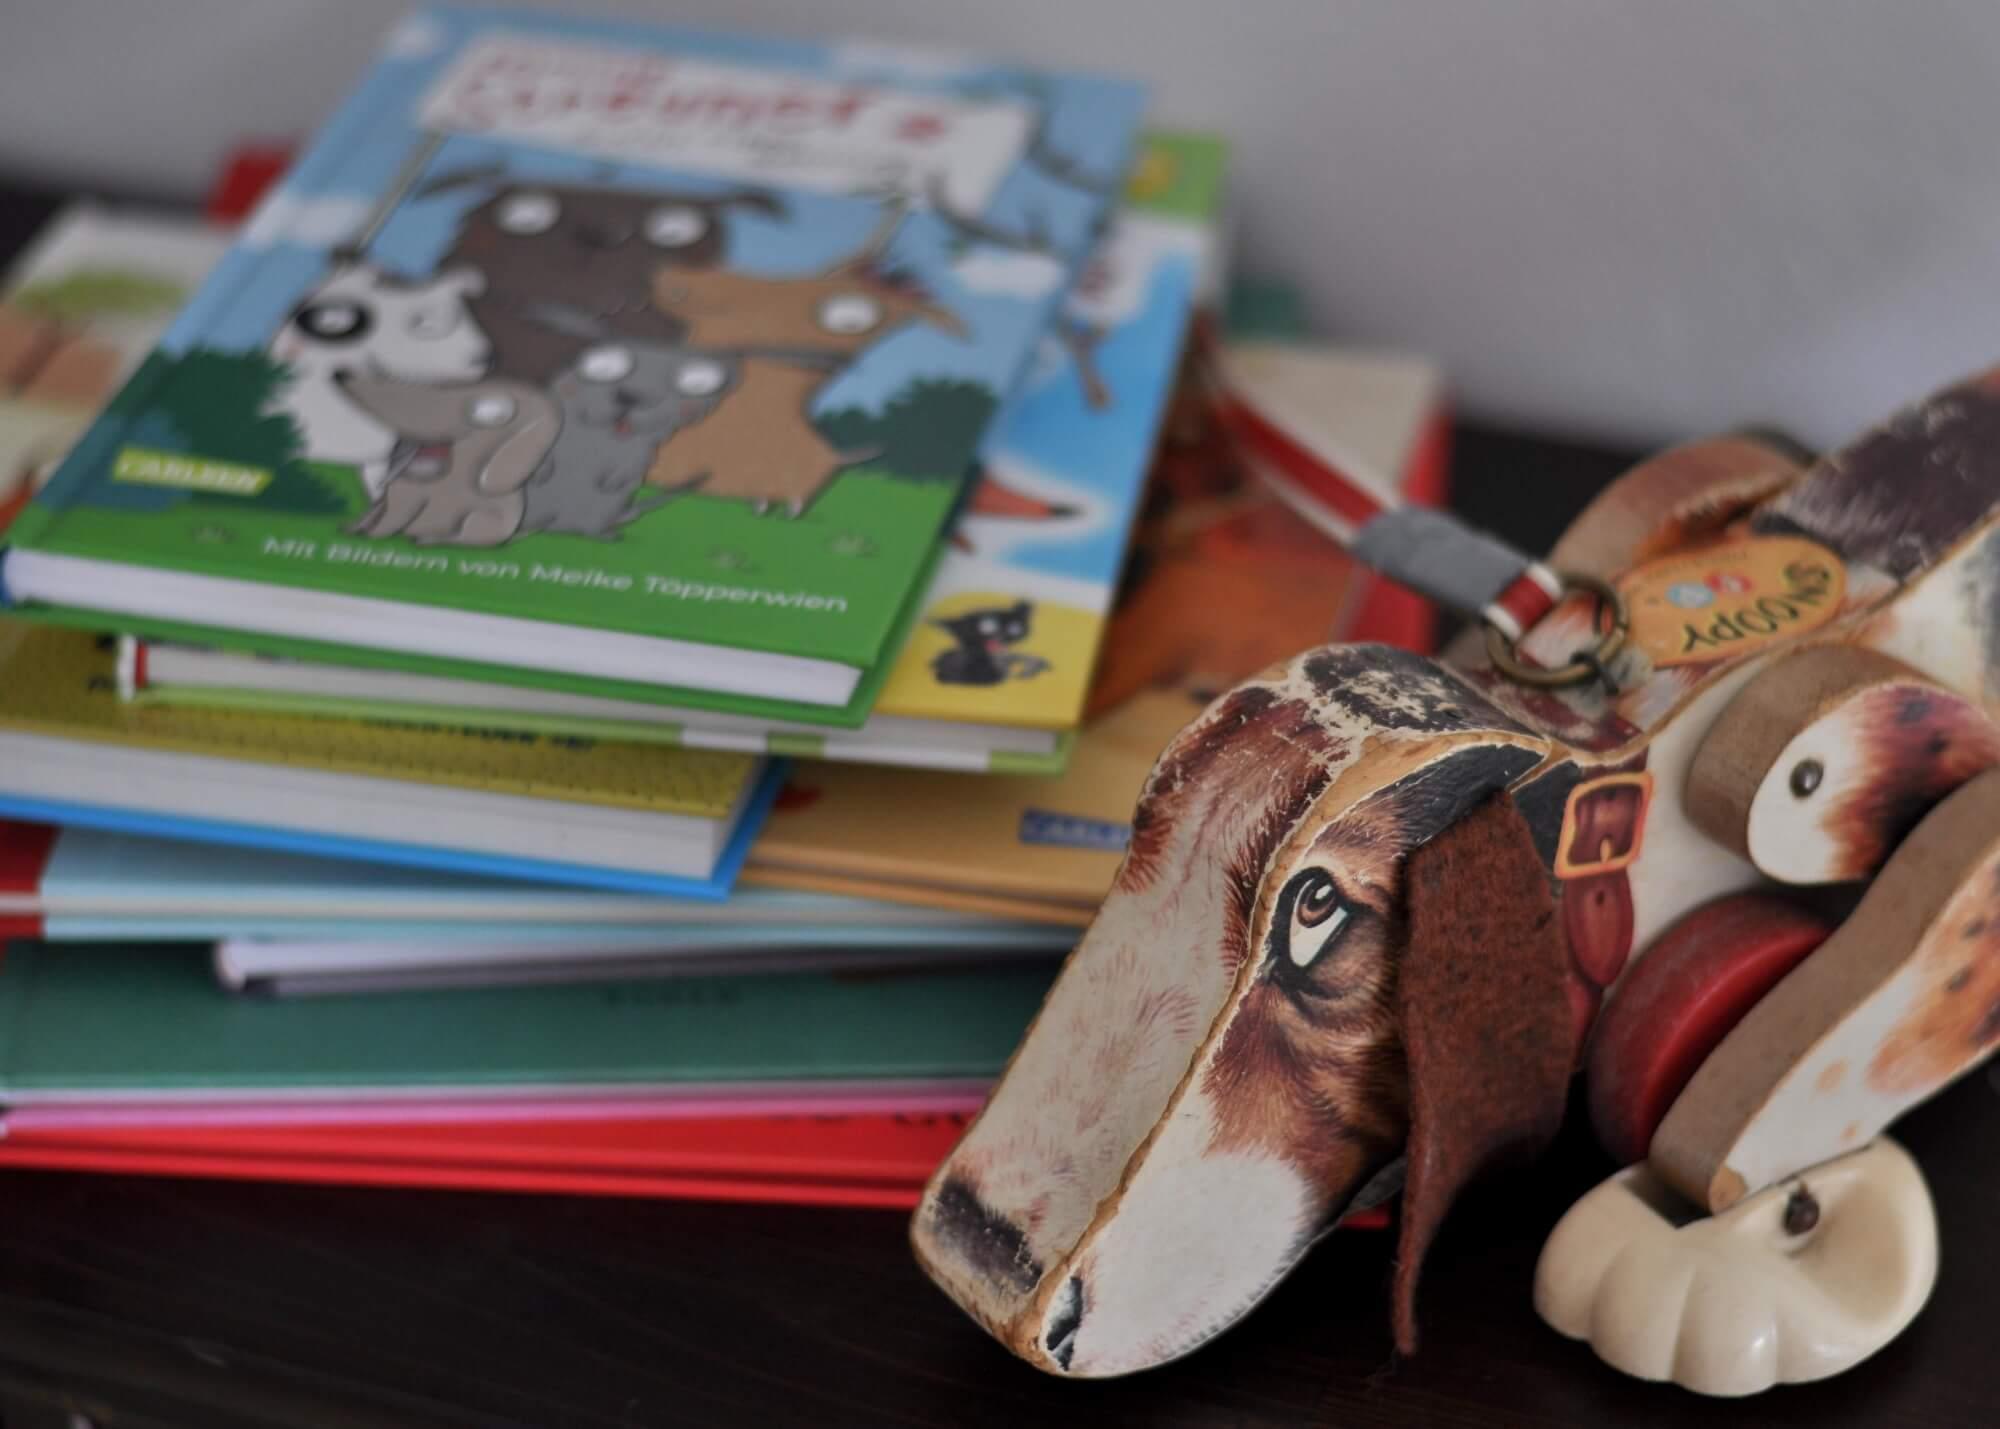 """Wie fühlt sich ein Hundebaby, wenn es in ein neues Zuhause kommt? Wie ist es, ein Hund zu sein? Was passiert, wenn ein anderes """"Haustier"""" eifersüchtig auf einen Vierbeiner ist? Wie denkt ein Polizeihund? Und suchen sich Hunde eigentlich auch einen Menschen aus? Ich stelle euch neun richtig lustige abgedrehte Bücher mit Hunden vor, die zum vorlesen oder selbst lesen für Kinder ab 3 Jahren geeignet sind. #hund #buch #kinder #comic #lesen"""